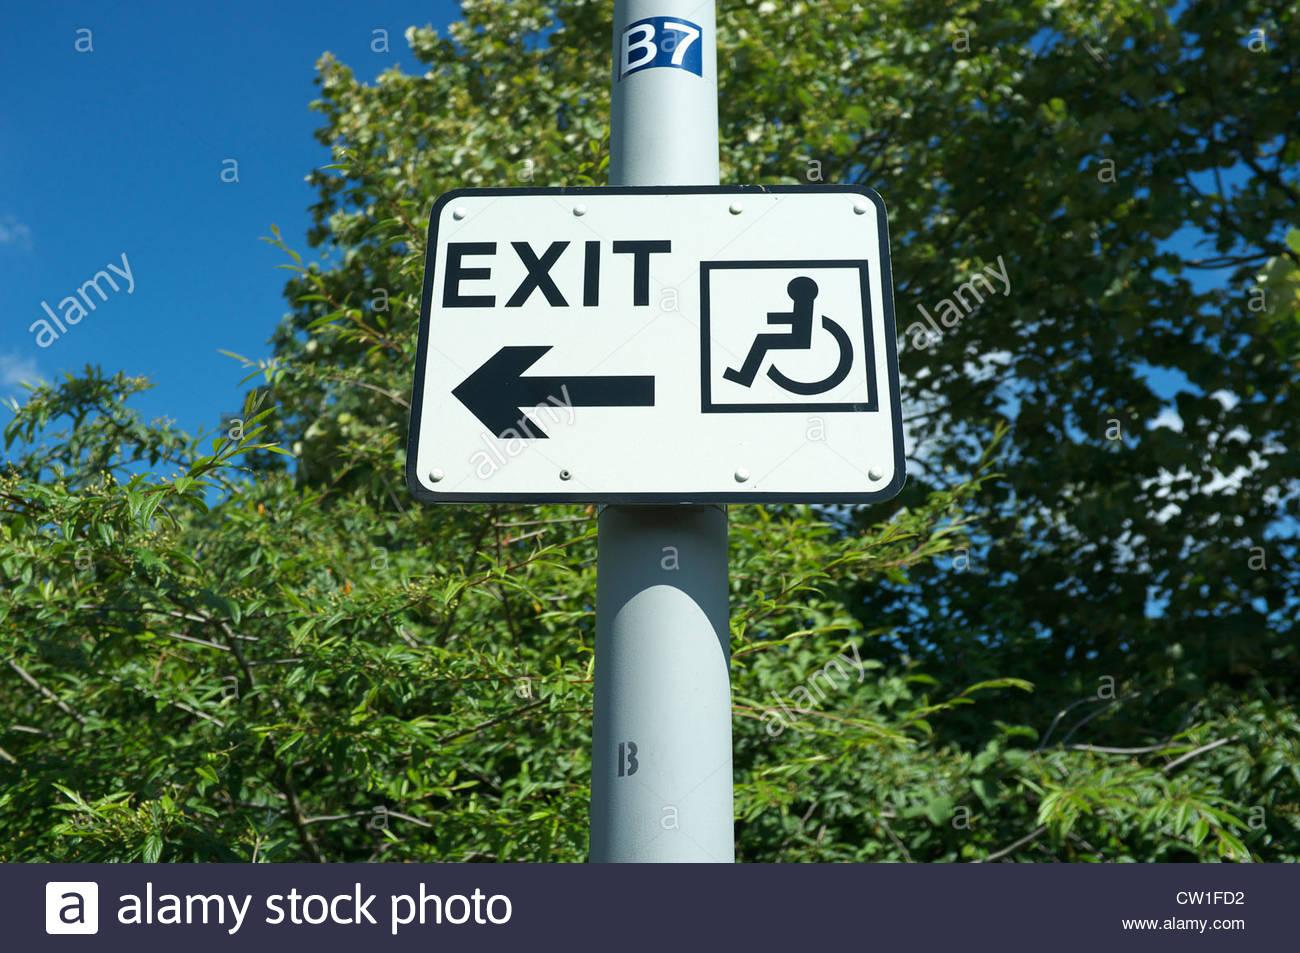 Sedie A Rotelle Roma : Segnale di uscita per la sedia a rotelle a roma anagnina parkway